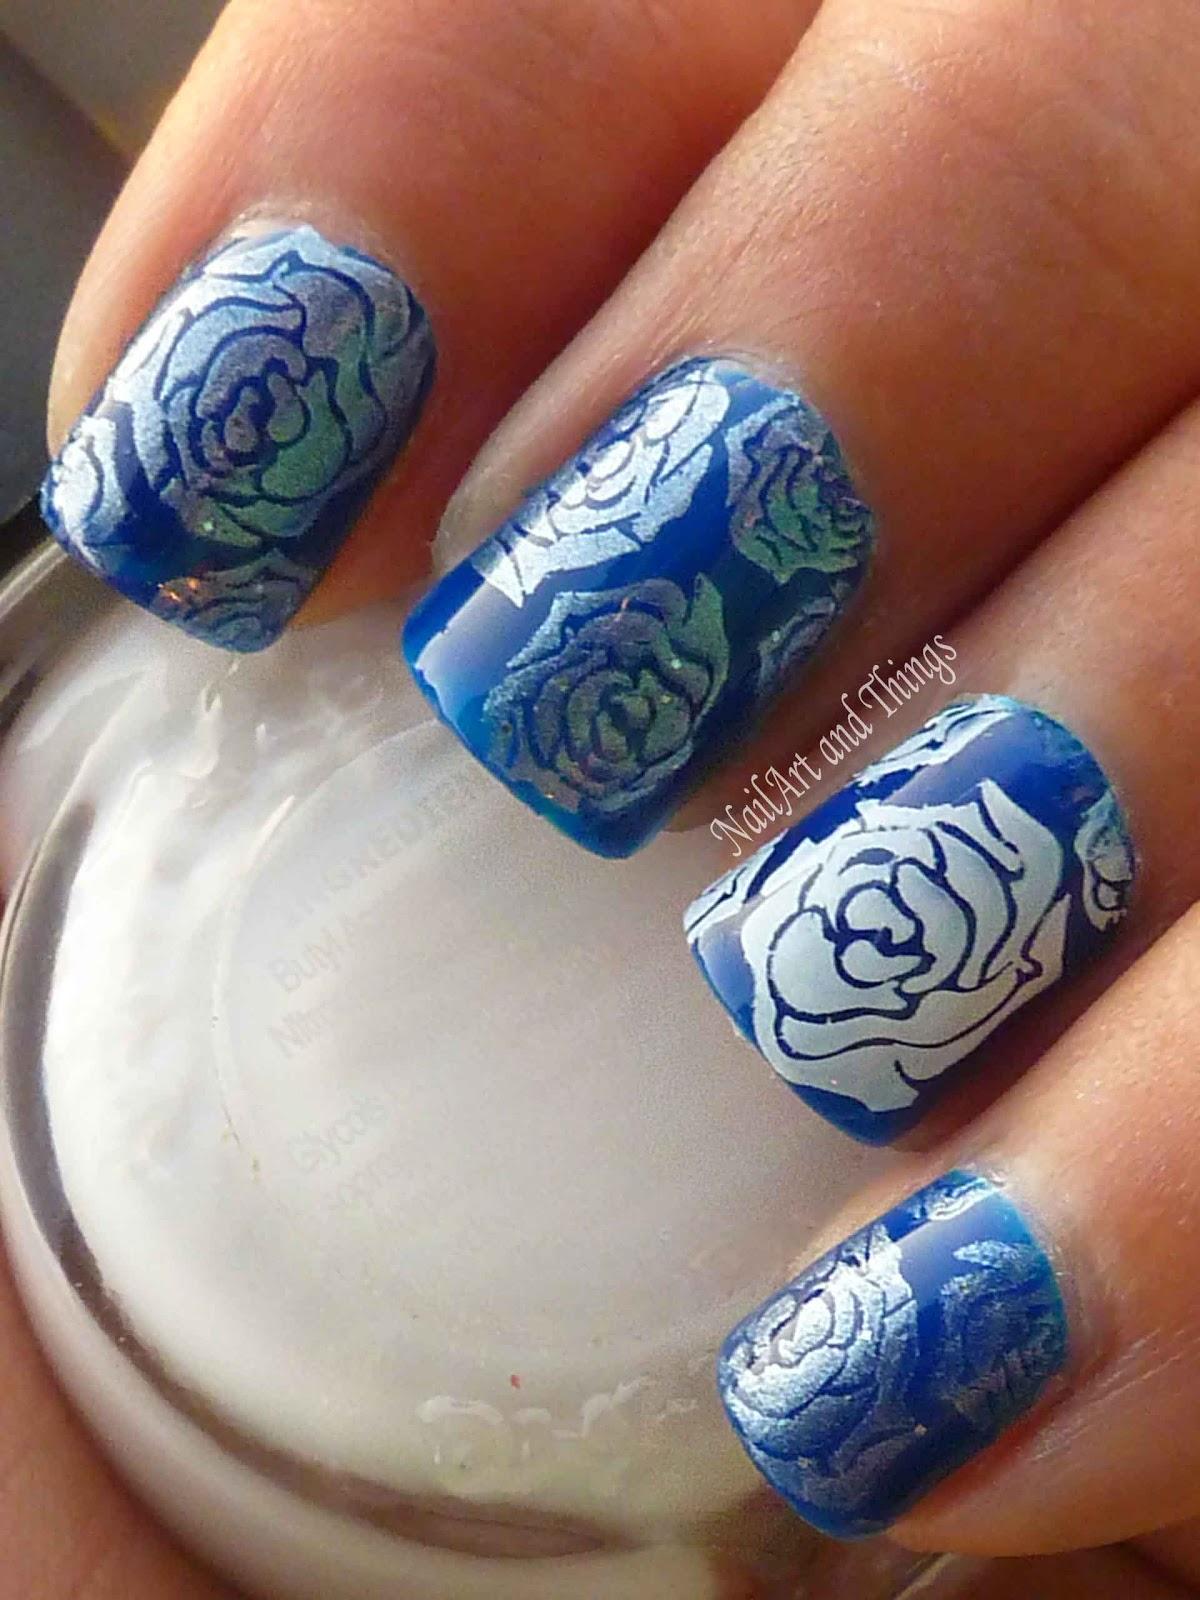 NailArt and Things: Blue Roses Porcelain Nail Art (Jelly polish)